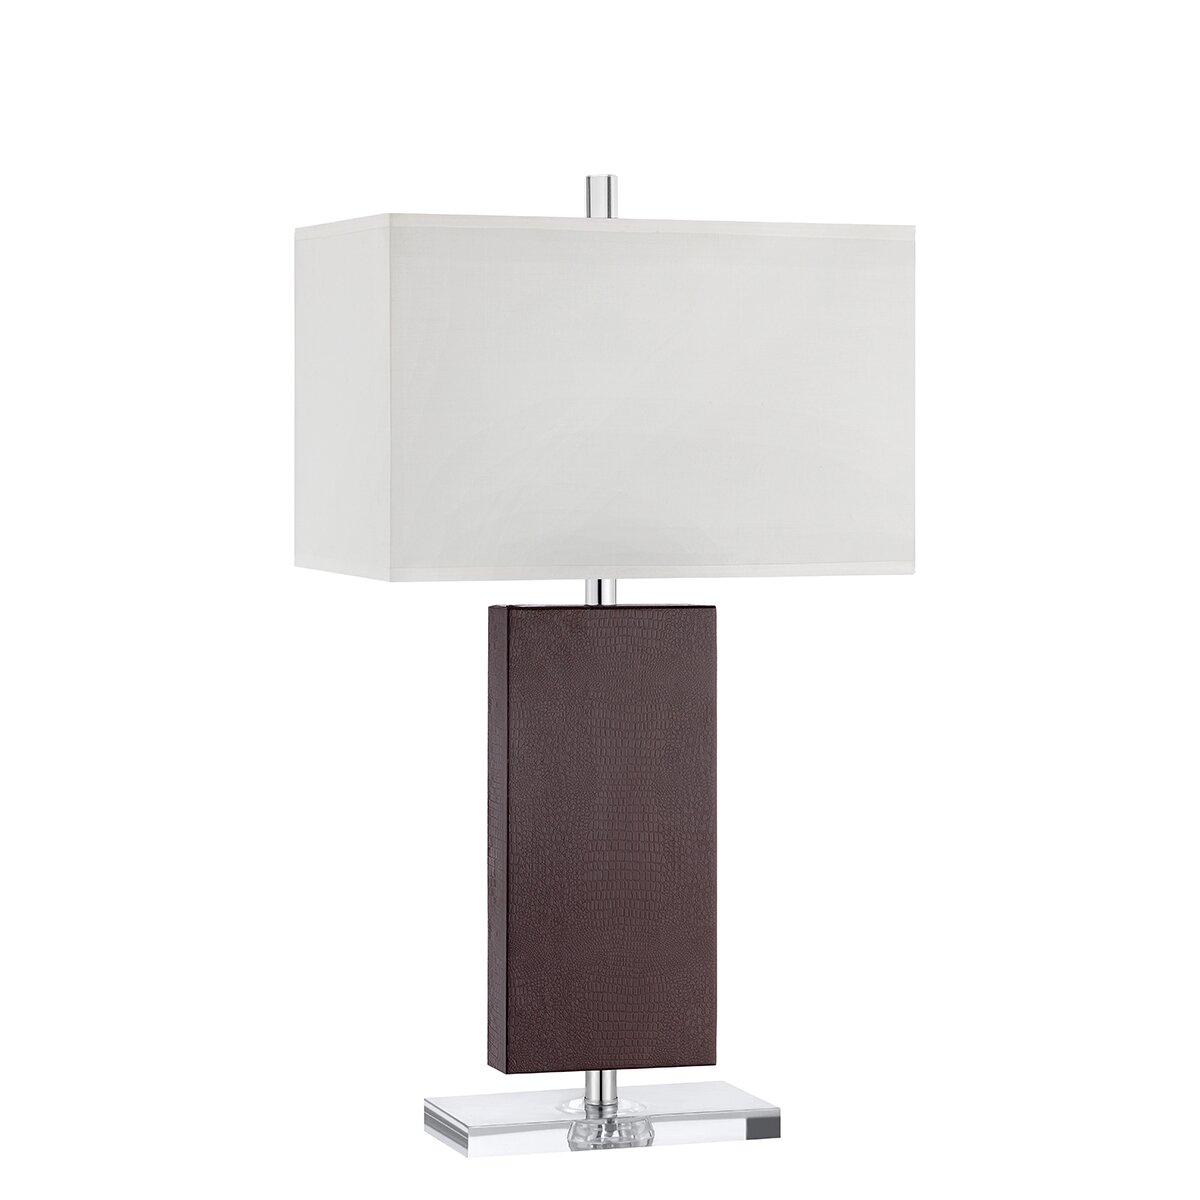 lighting lamps table lamps wade logan sku wadl4797. Black Bedroom Furniture Sets. Home Design Ideas